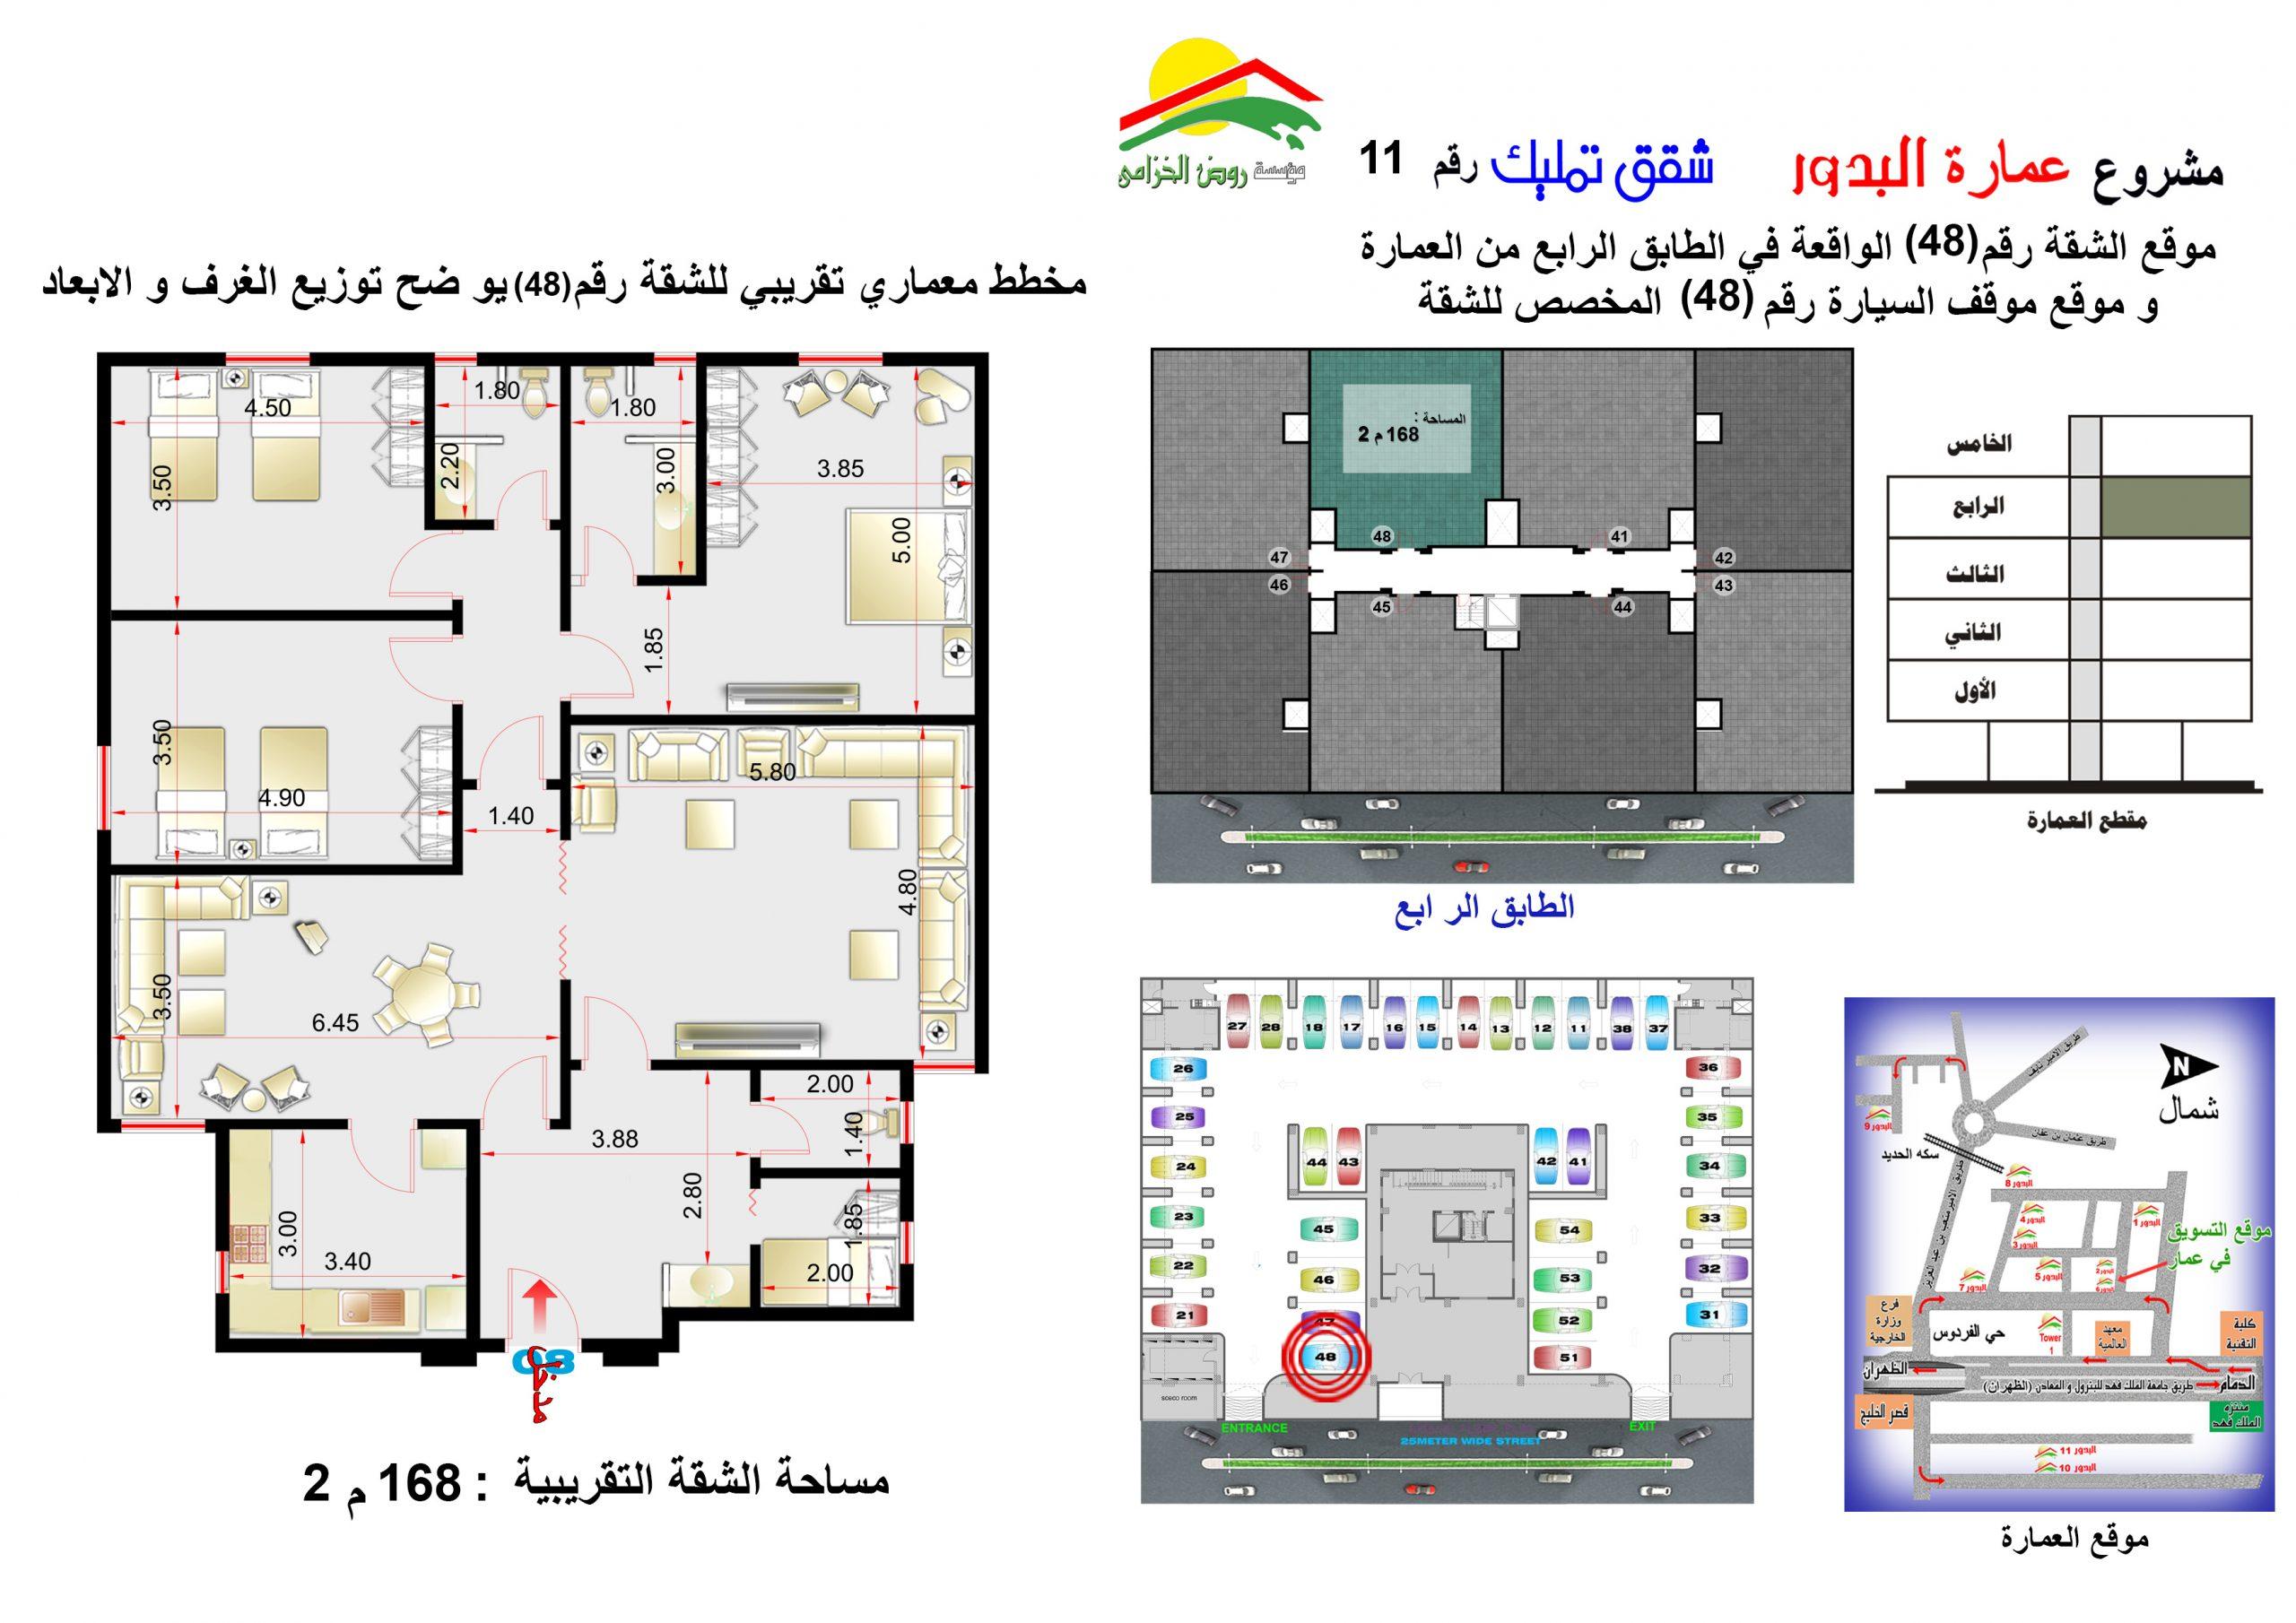 مخطط تفصيلي شقة 48